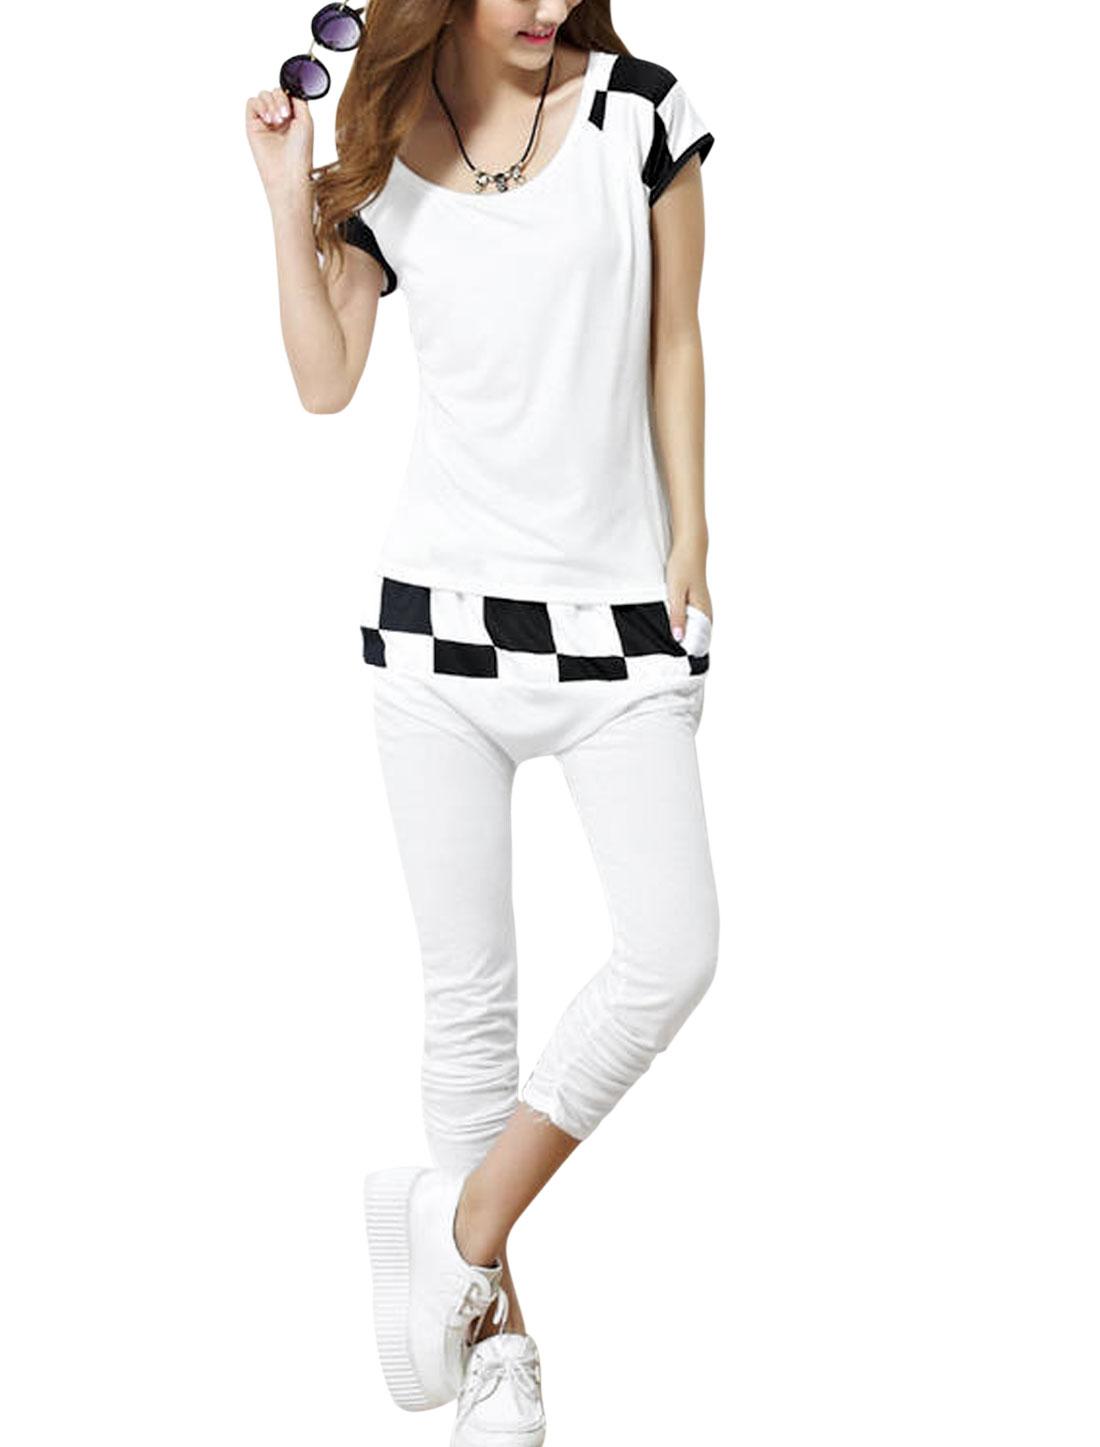 Lady Scoop Neck Short Sleeve Top w Plaids Detail Elastic Waist Capris White S